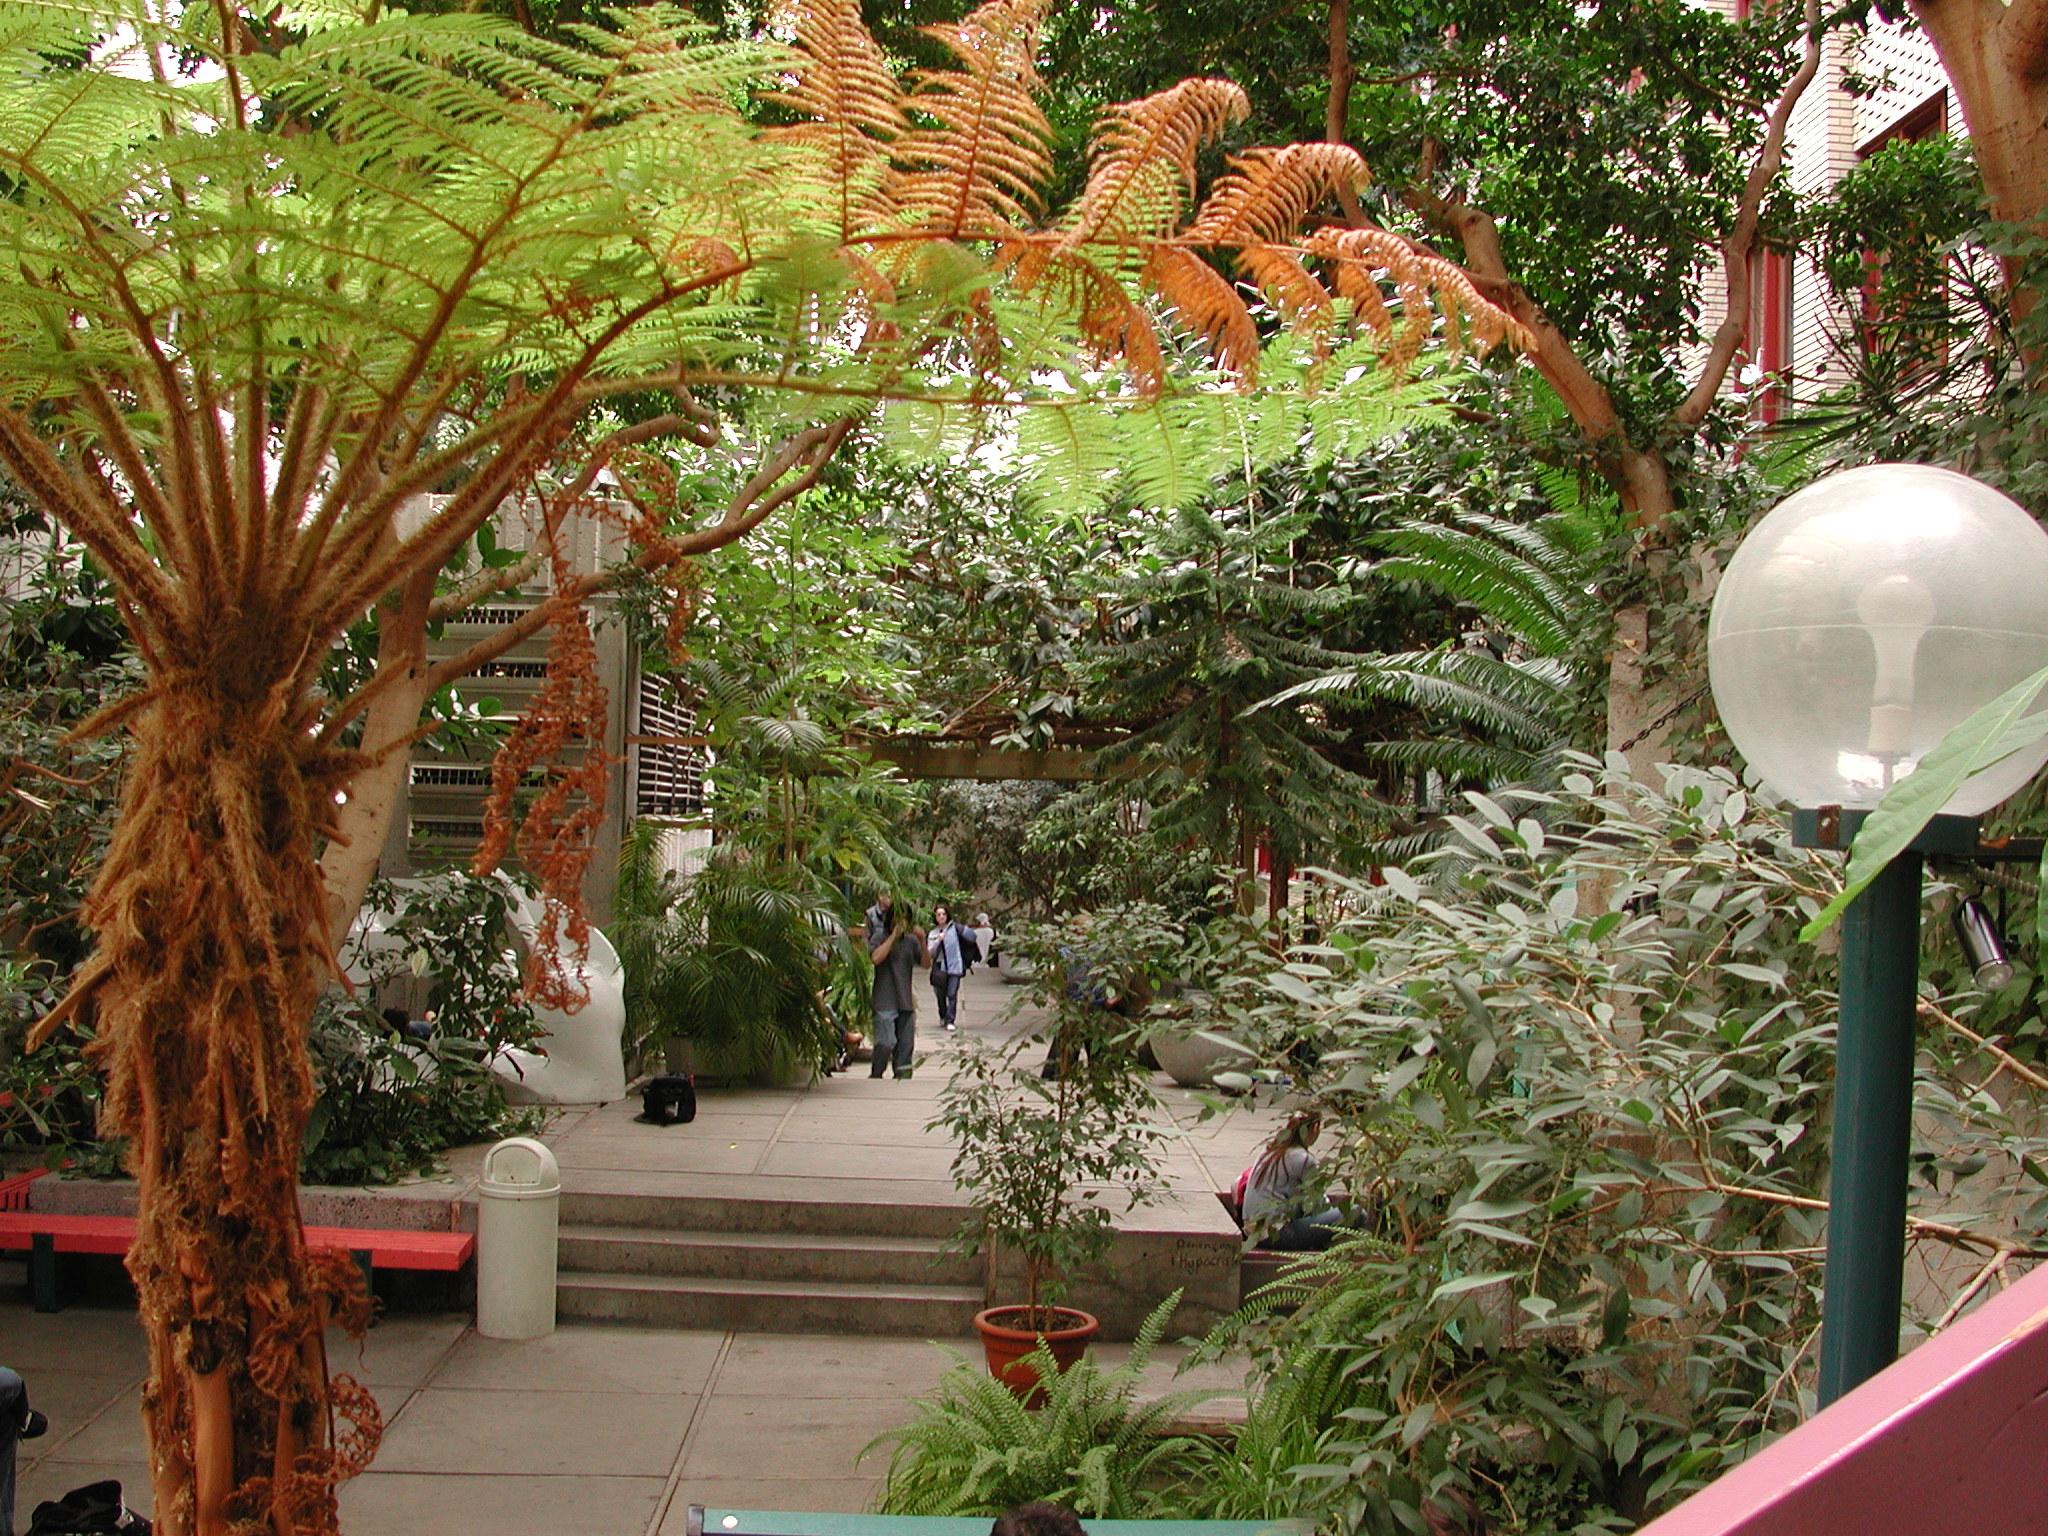 Jardin intrieur  Salle de rception en location  Collge de Maisonneuve